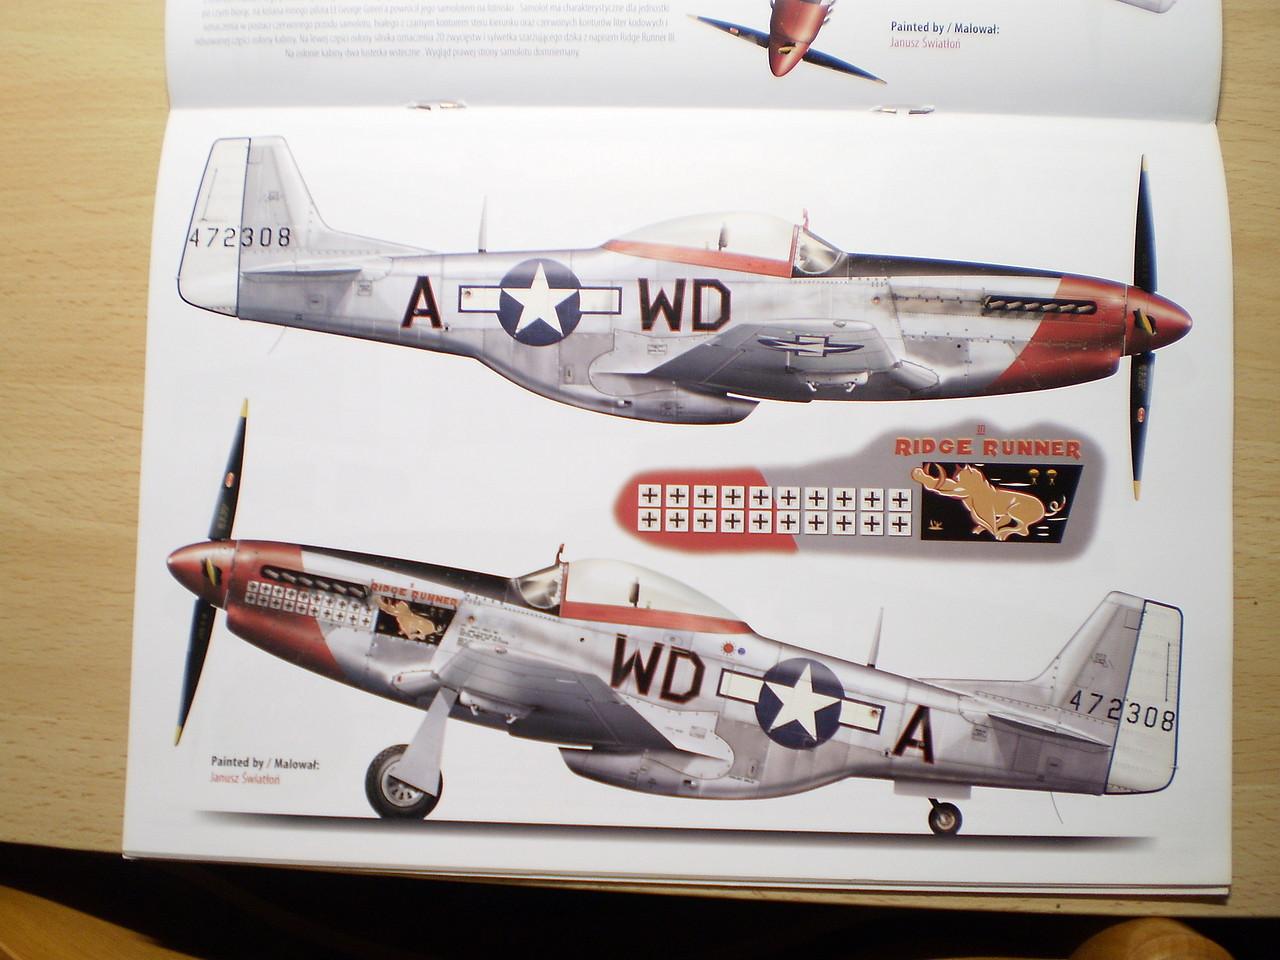 Yoryi (puntocom) - Modelismo y Maquetas - P-51D Mustang ¿ Rdige ...